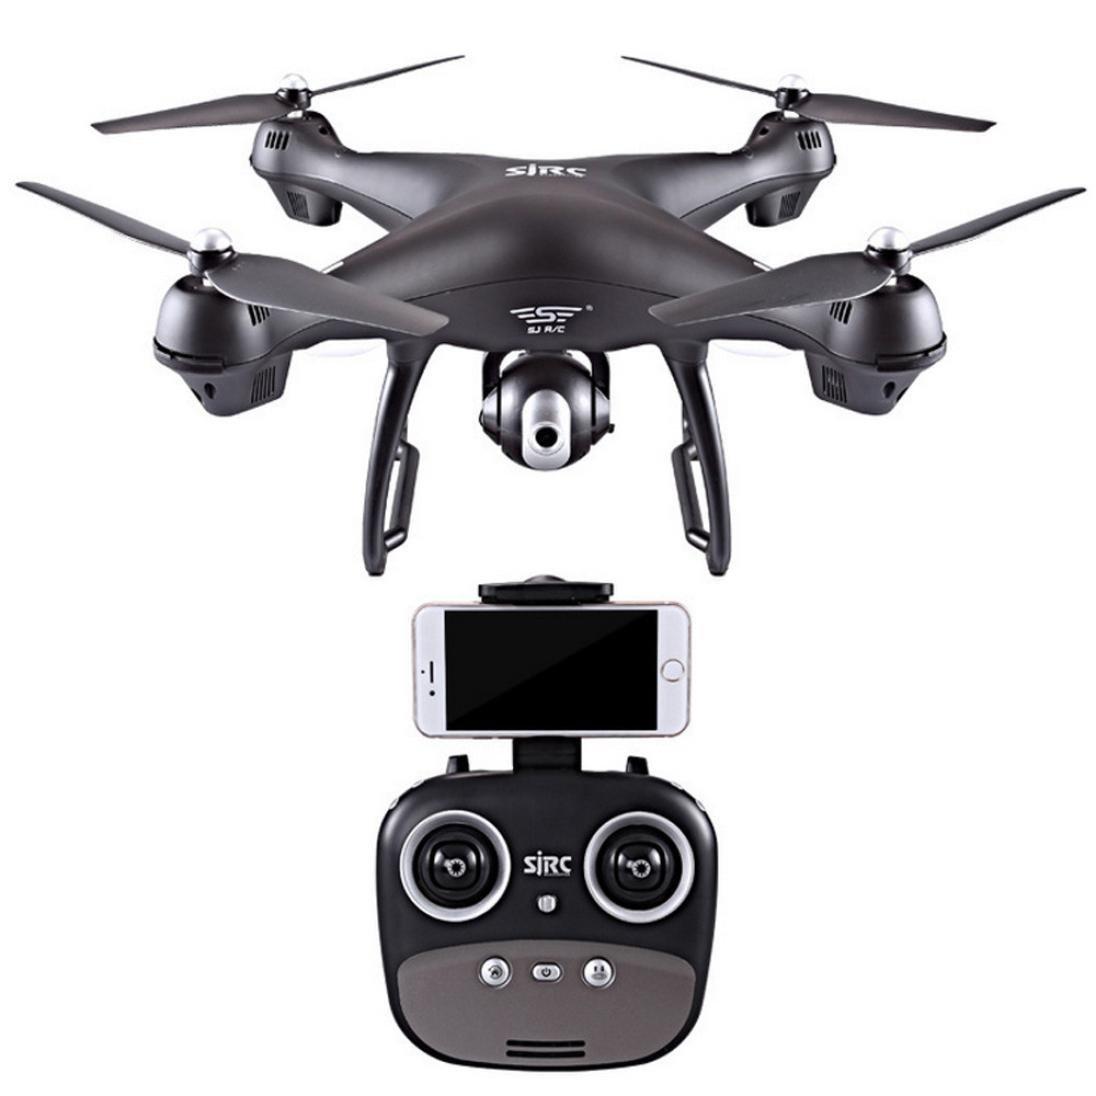 YJYdada S70W 2.4GHz GPS FPV Drone Quadcopter With 1080P HD Camera Wifi Headless Mode (Black)